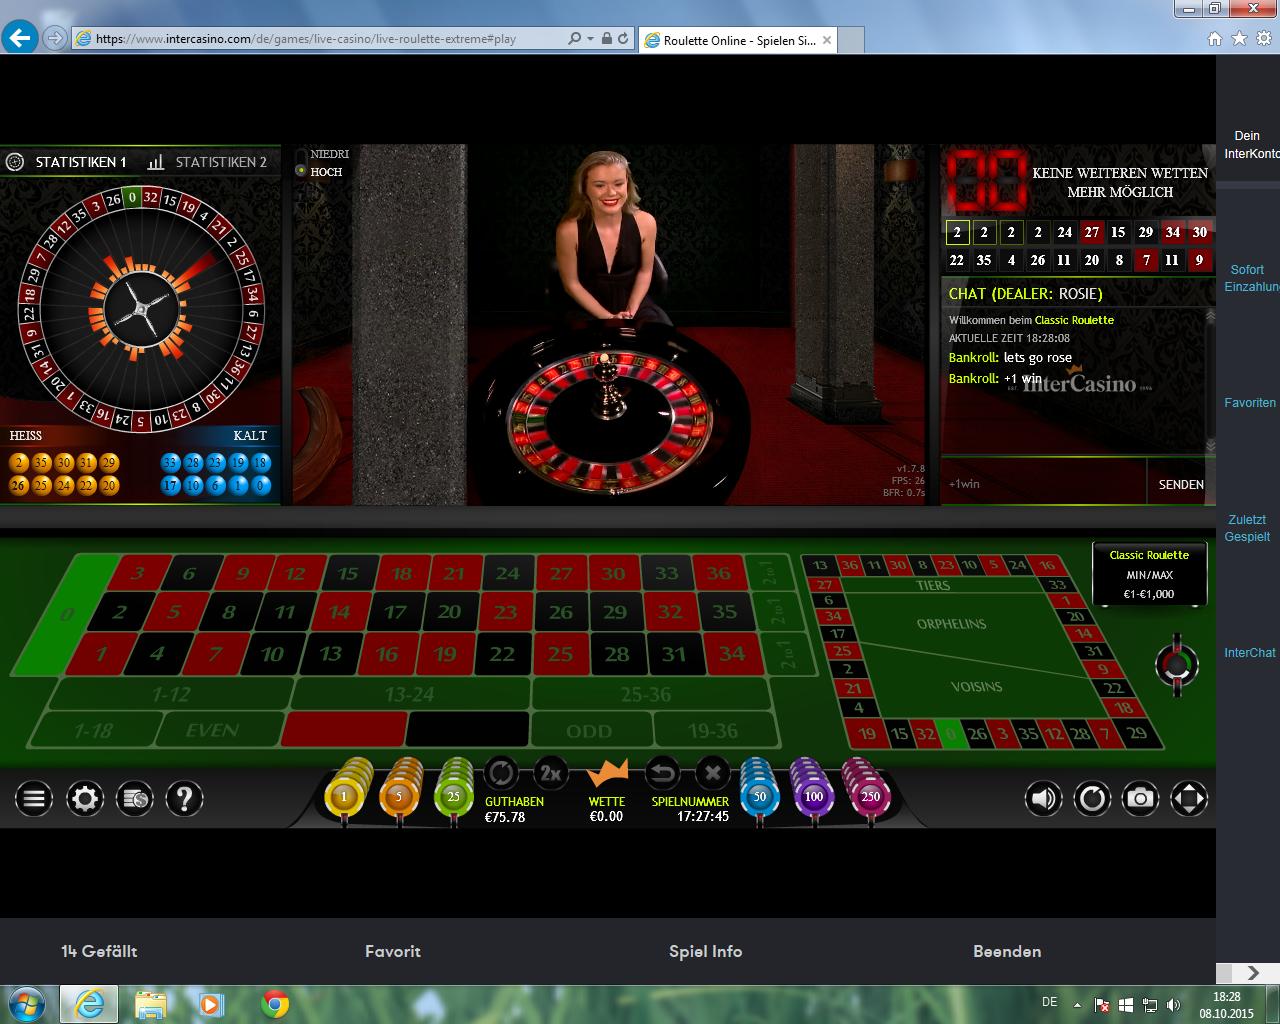 online casino intercasino.co.uk